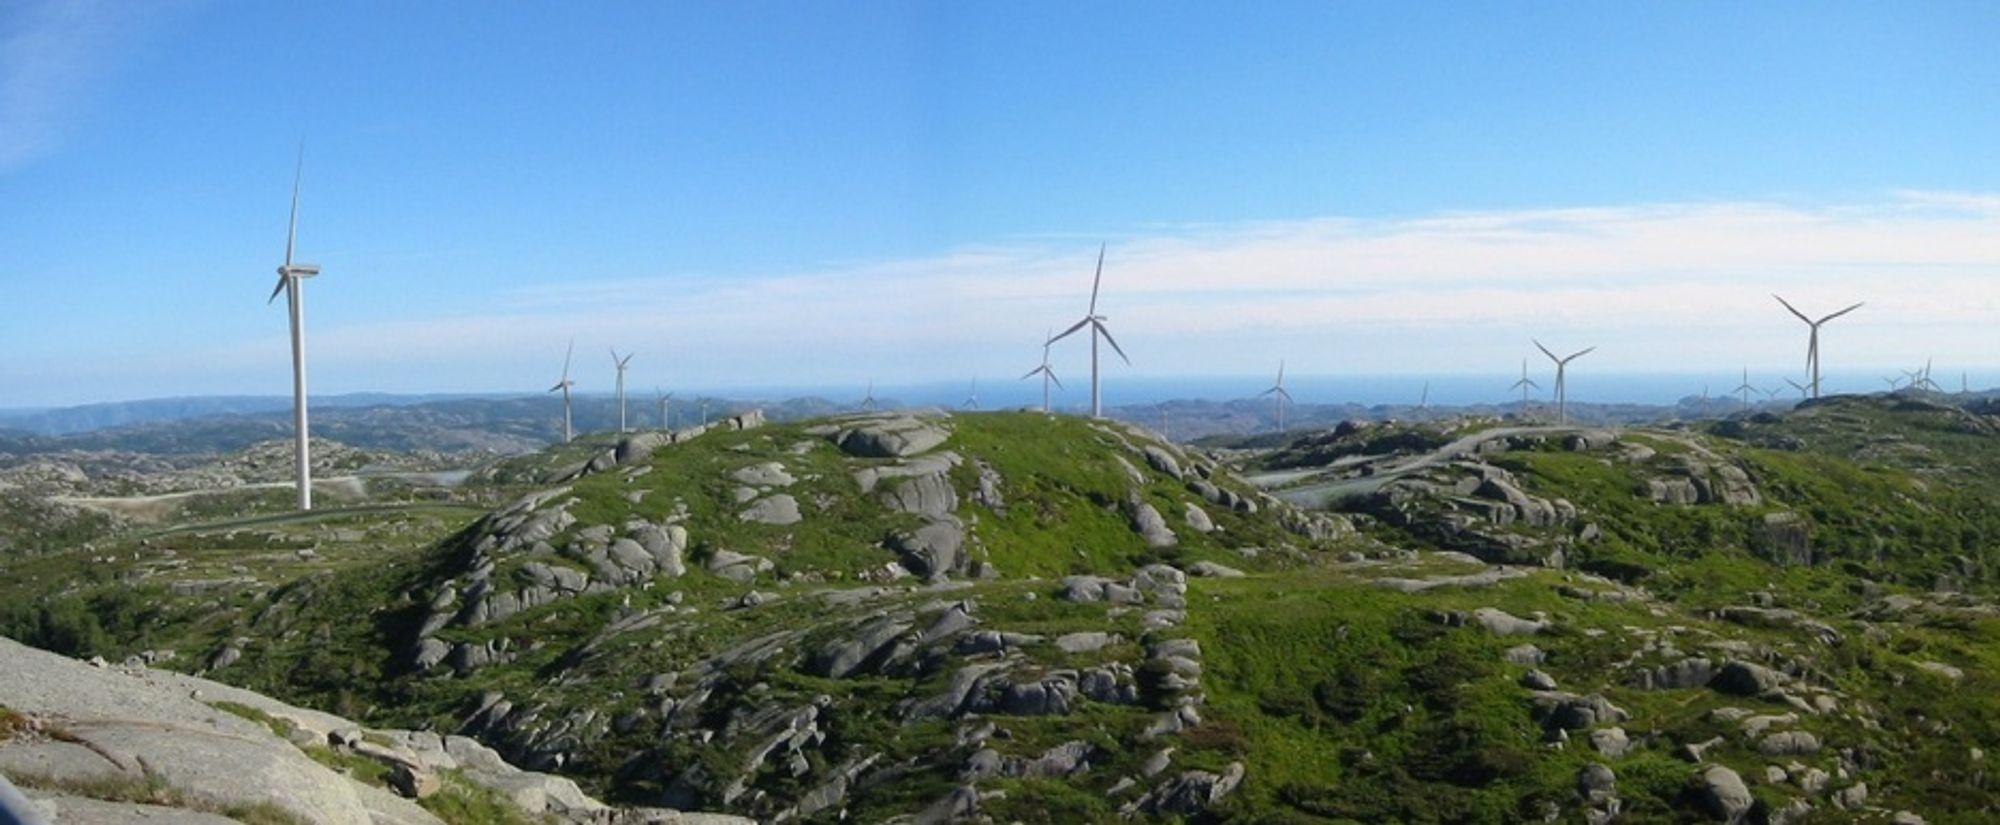 TELLENES: Slik kan Tellenes vindpark i Rogaland komme til å se ut. Den er på 156 MW og kan produsere opptil en halv terawattime strøm årlig. Selskapet Zephyr overtatt to planlagte vindparker fra Statoil.